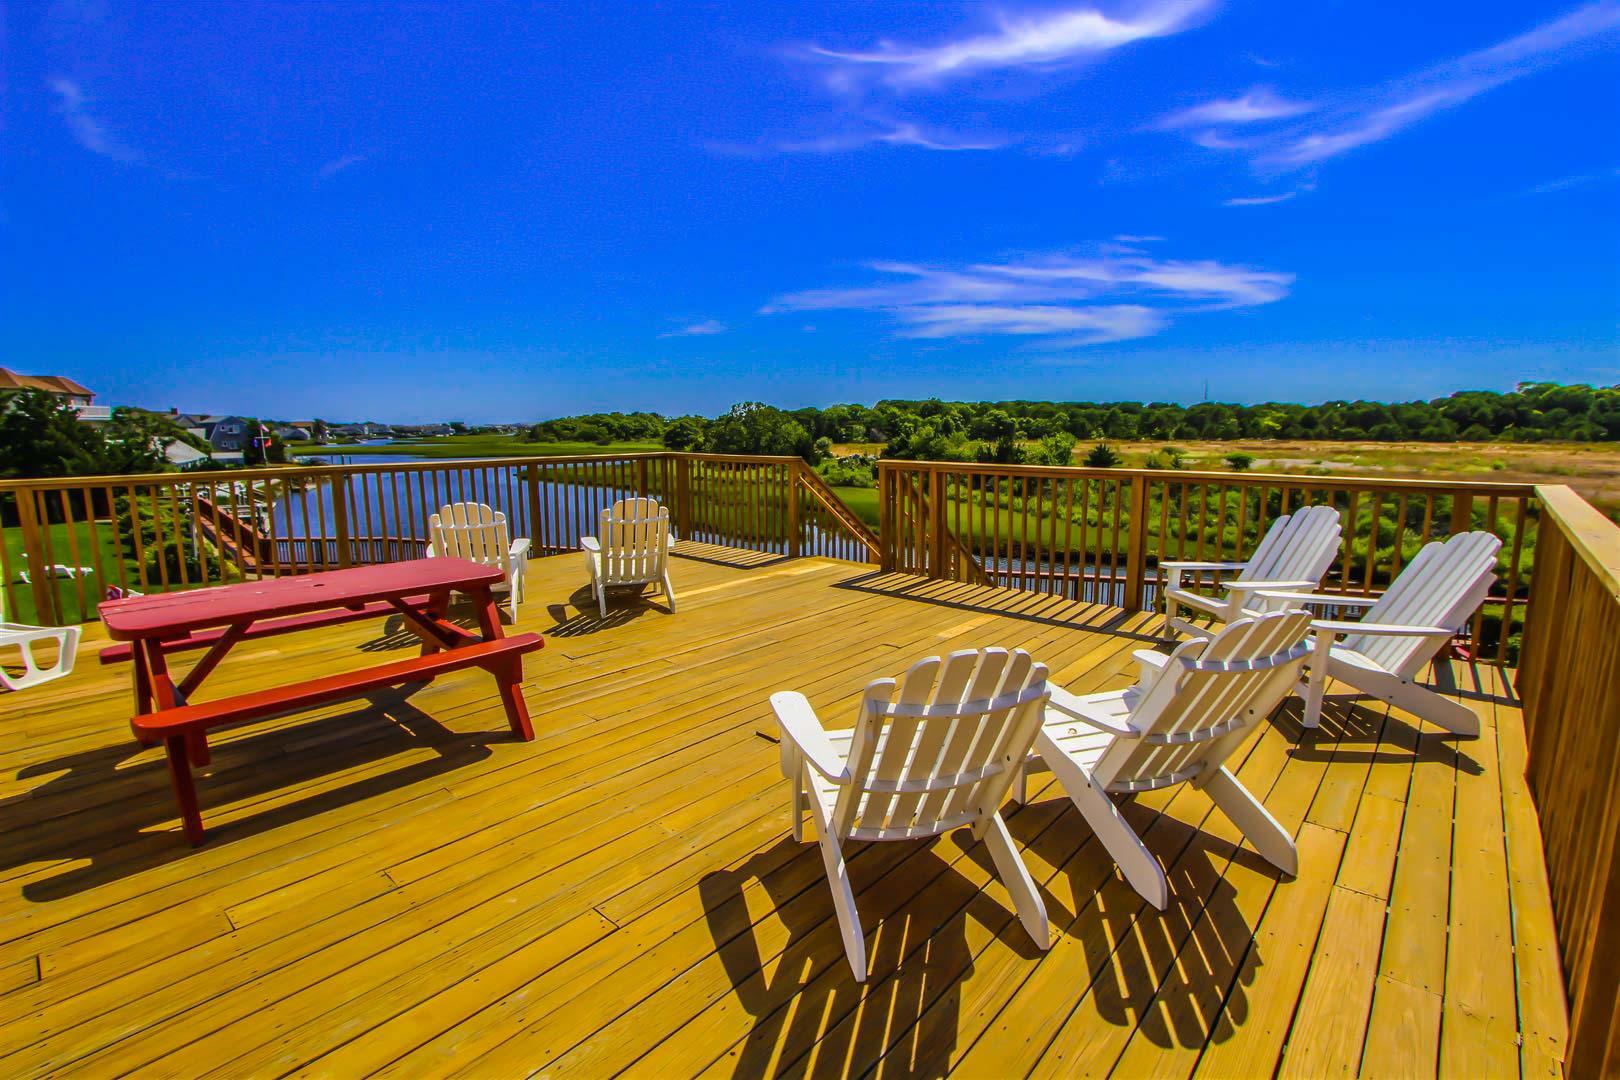 Riverview Resort - Resort Amenities - Comm Kitchen